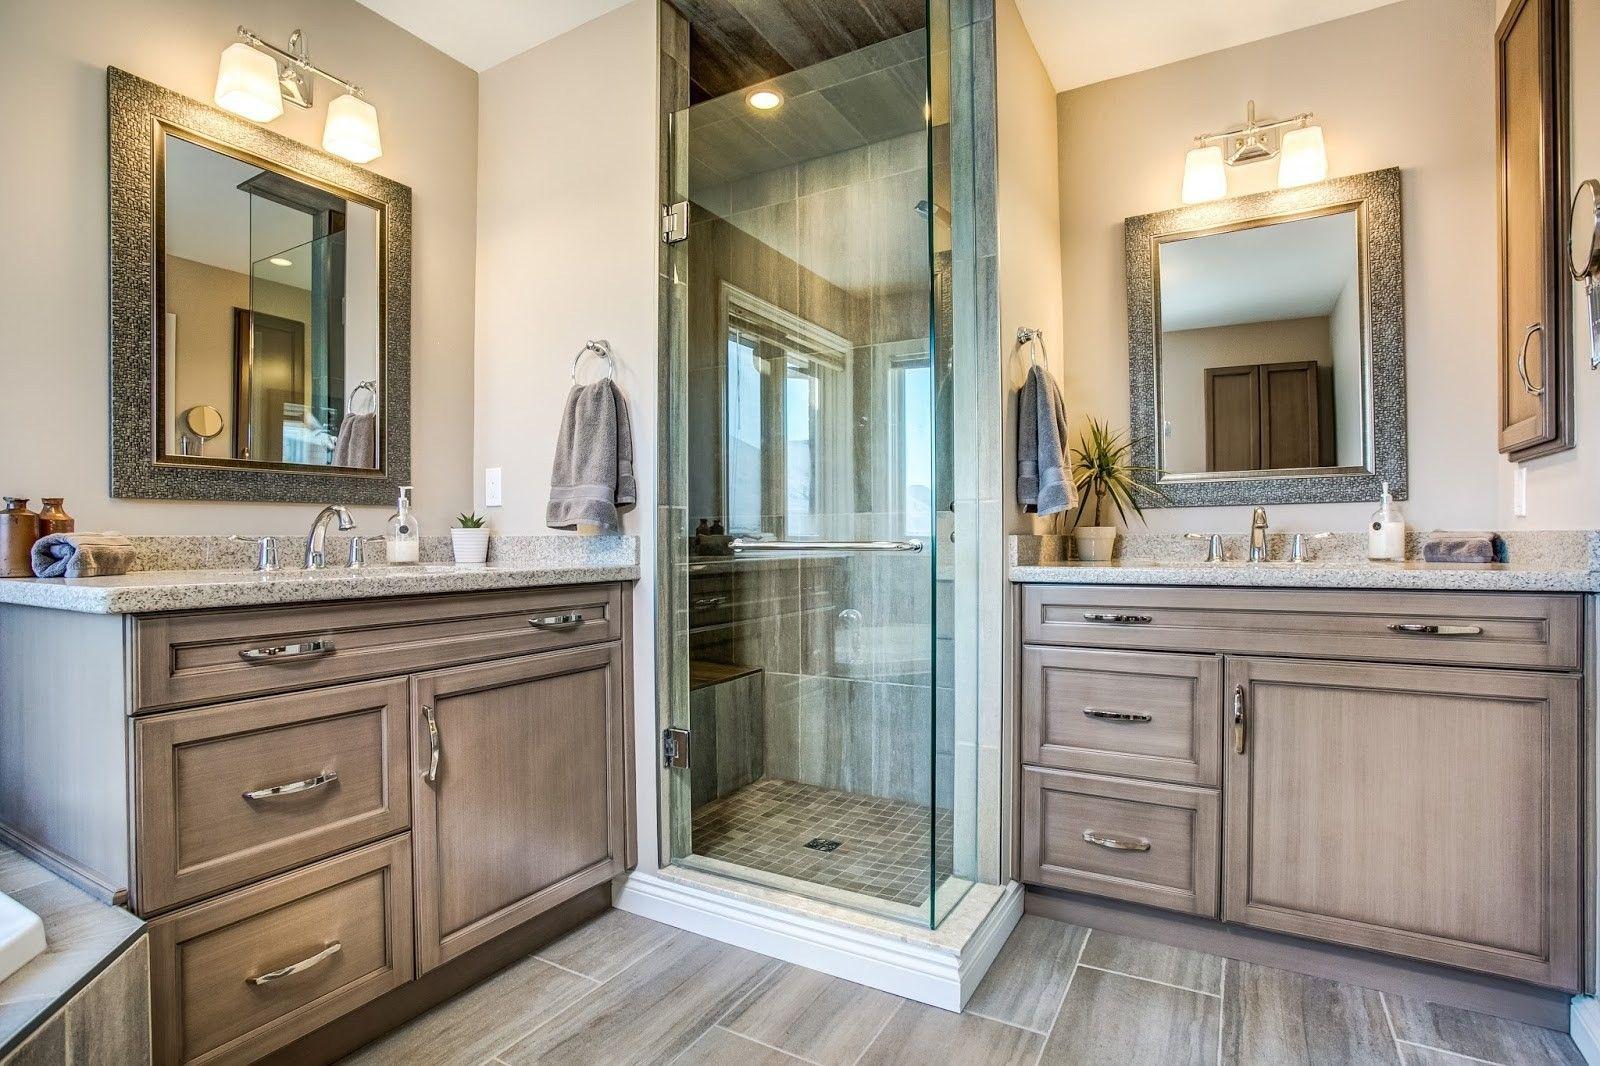 Schlichte Ikea Badezimmer Renovieren Mit Einem Durchschnittlichen Preis Von Bad Renovieren Und Bathroom Remodel Cost Bathrooms Remodel Bathroom Remodel Master